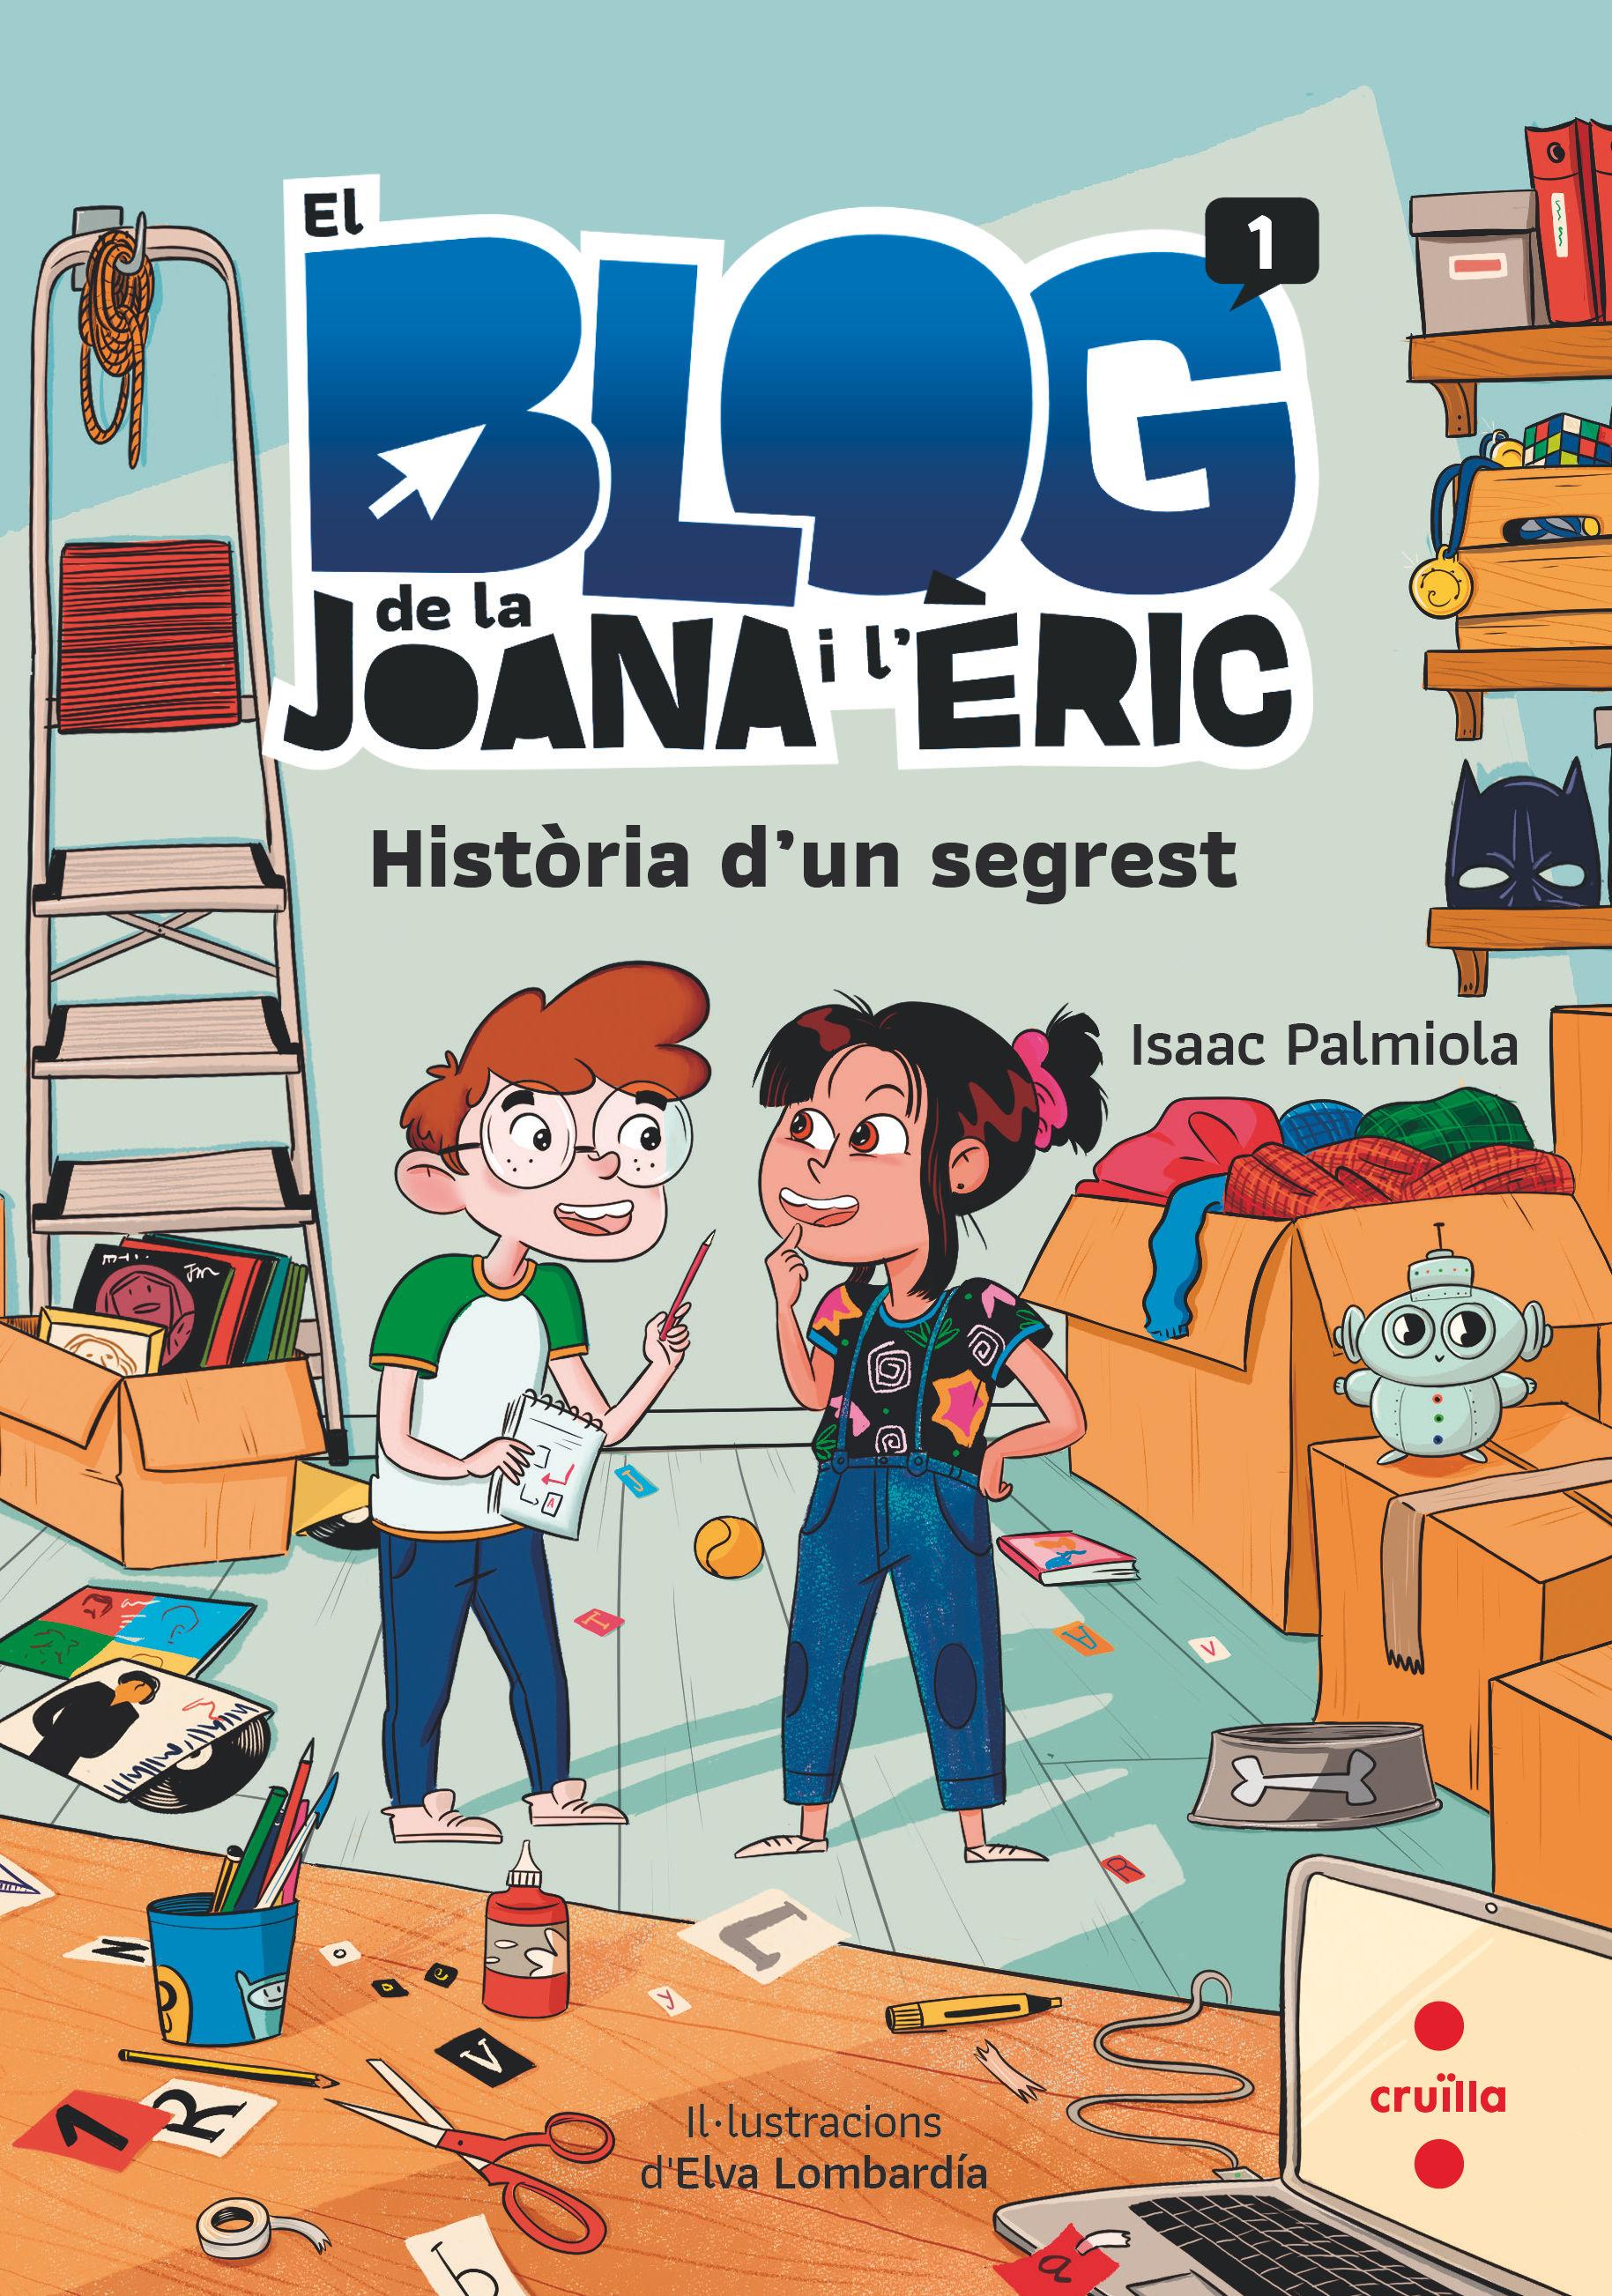 BLOG DE LA JOANA I L ERIC HISTORIA D UN SEGREST